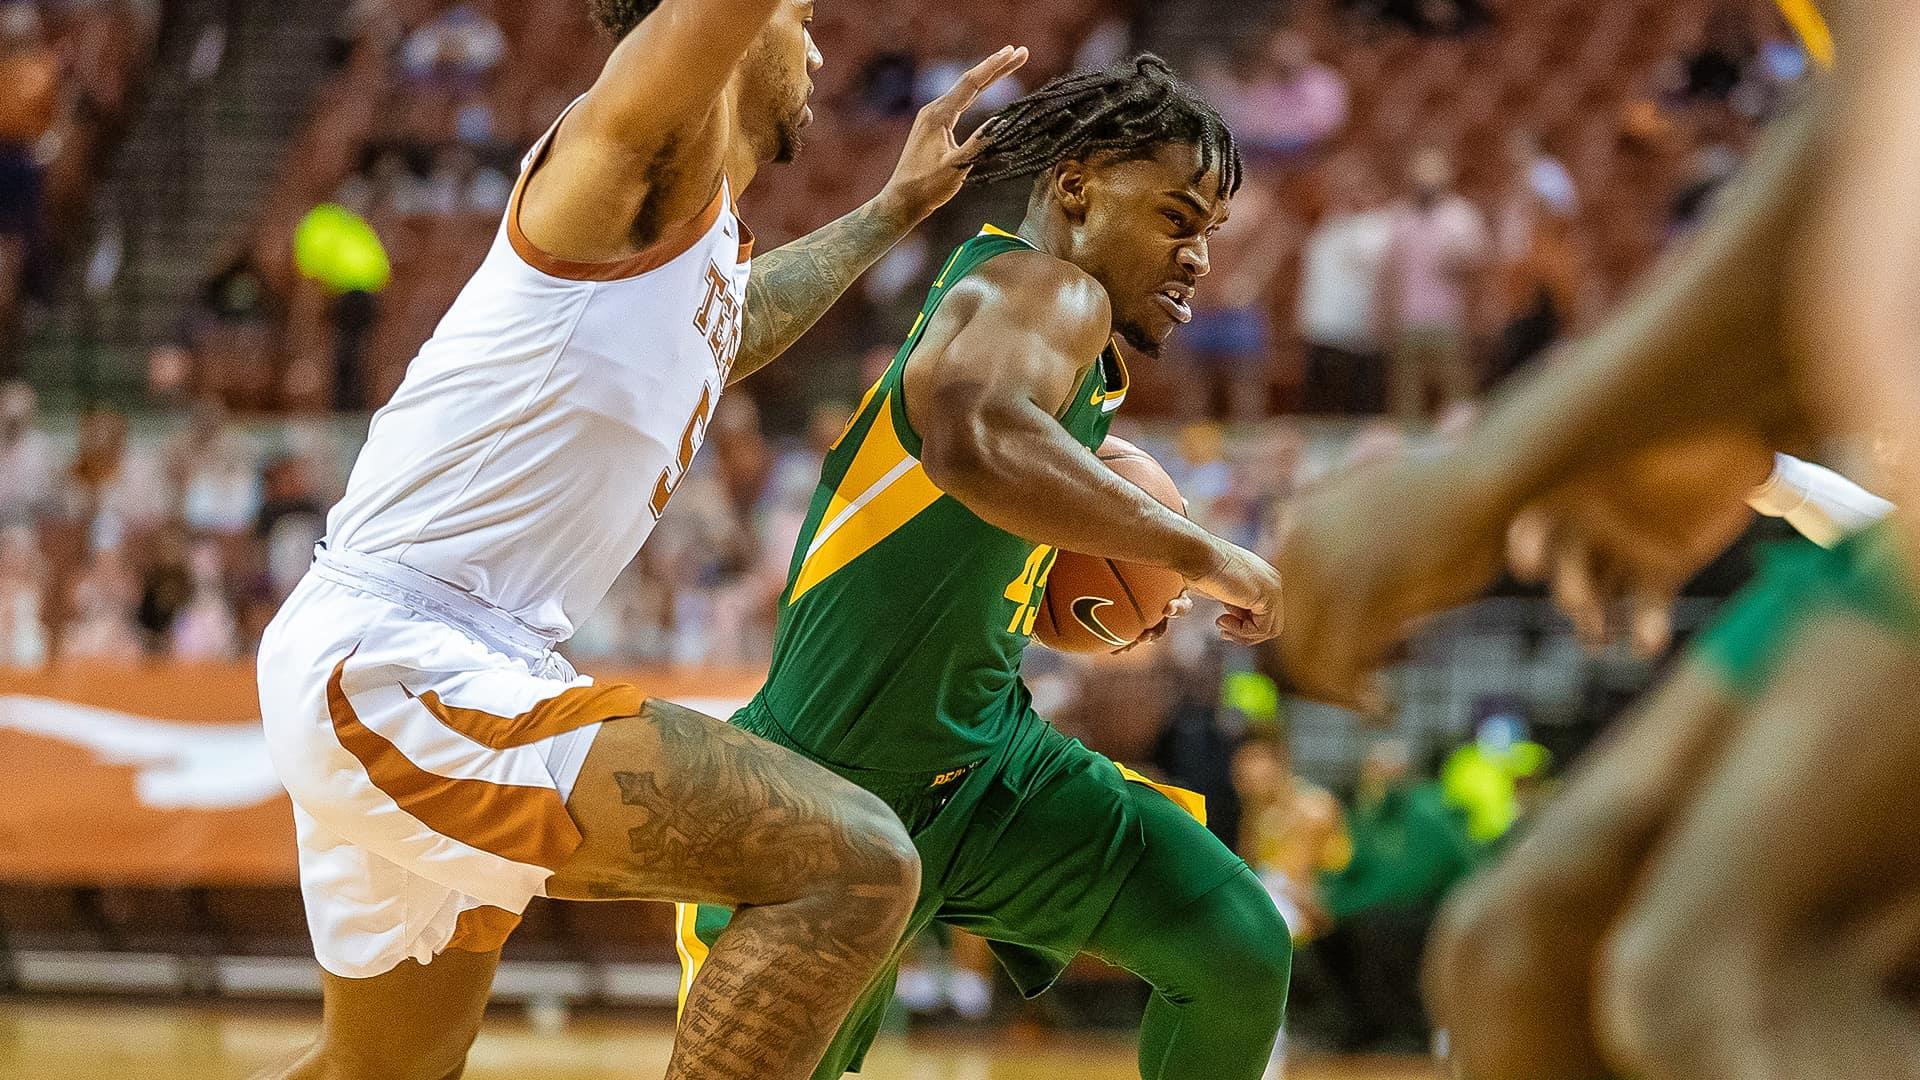 BasketballNcaa - Baylor